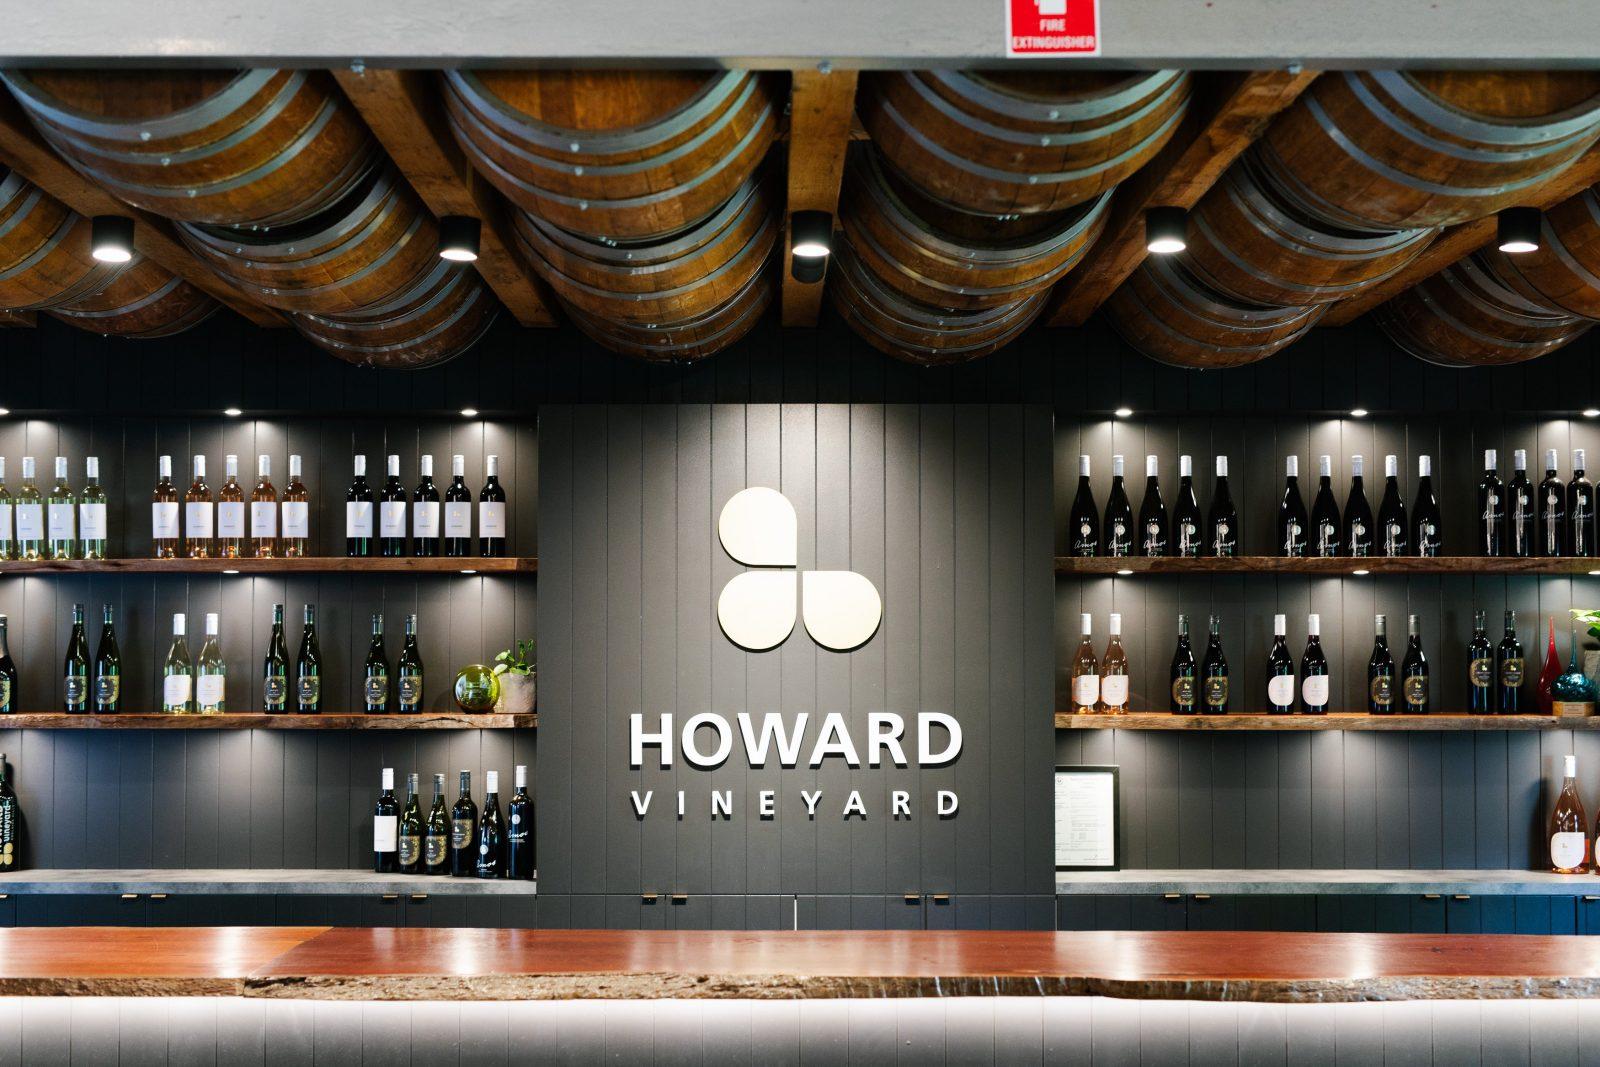 Howard Vineyard Cellar Door - Adelaide Hills